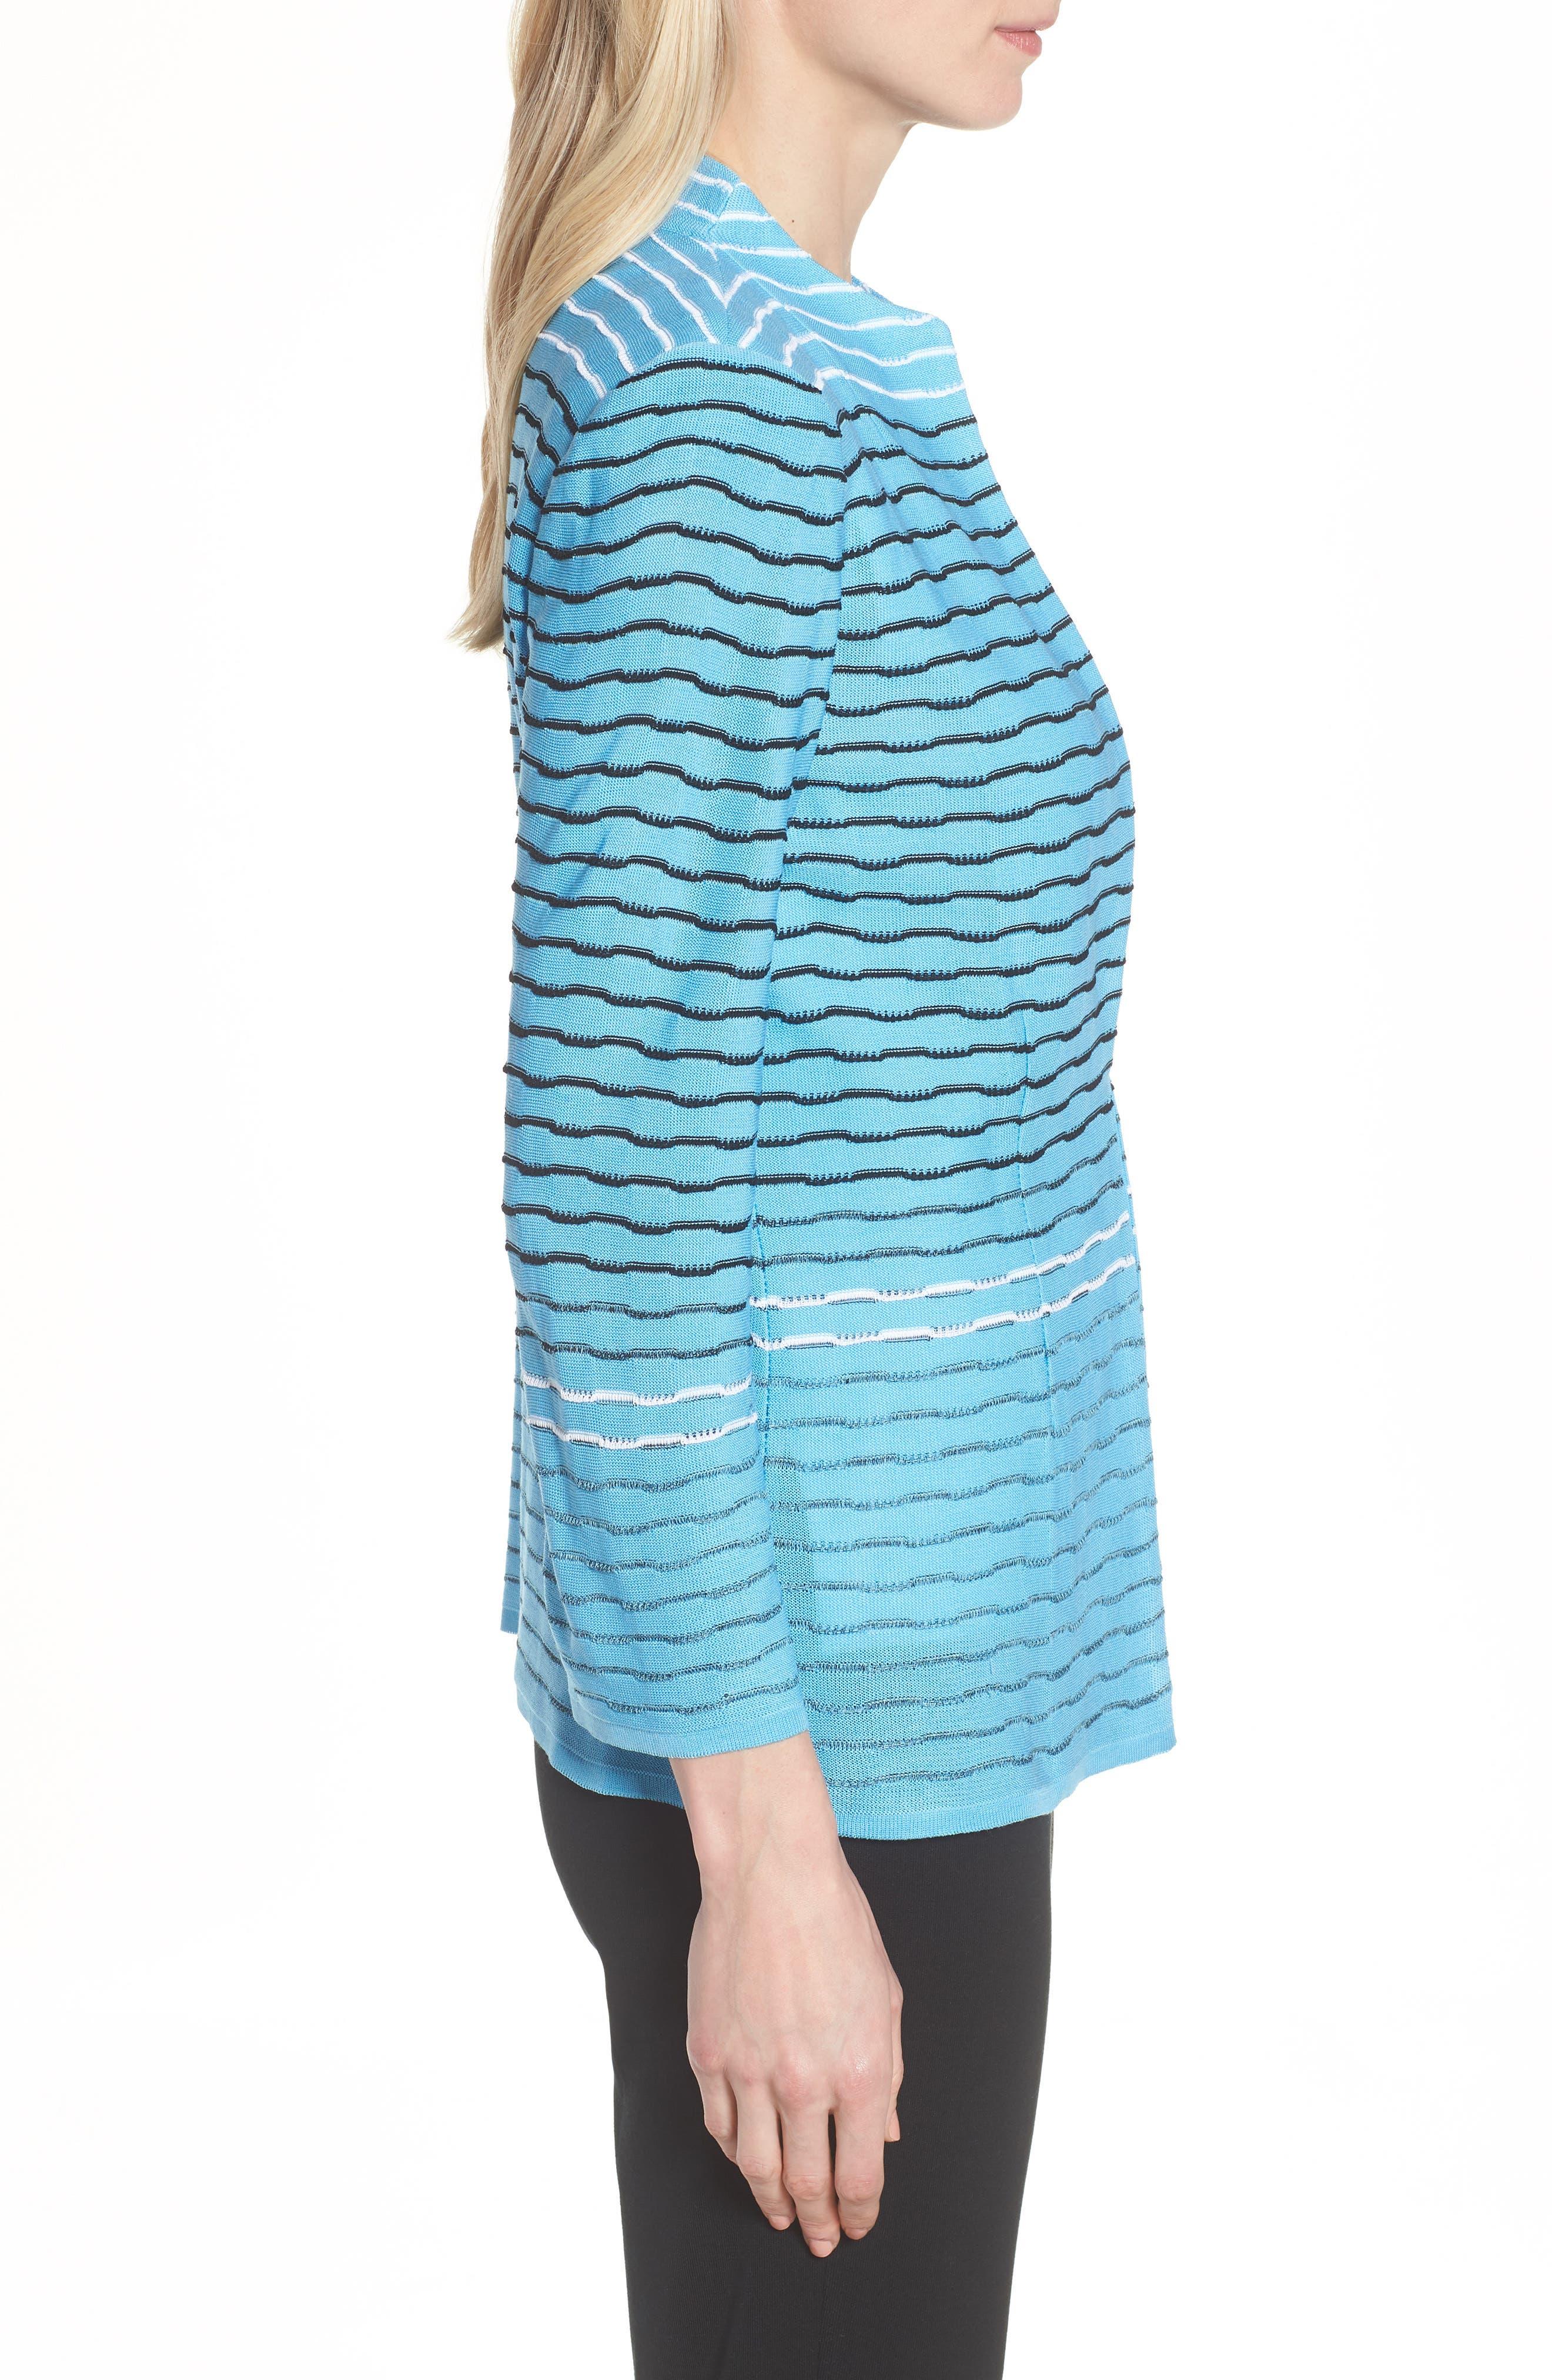 Jacquard Knit Jacket,                             Alternate thumbnail 3, color,                             BLUEBONNET/ BLACK/ WHITE